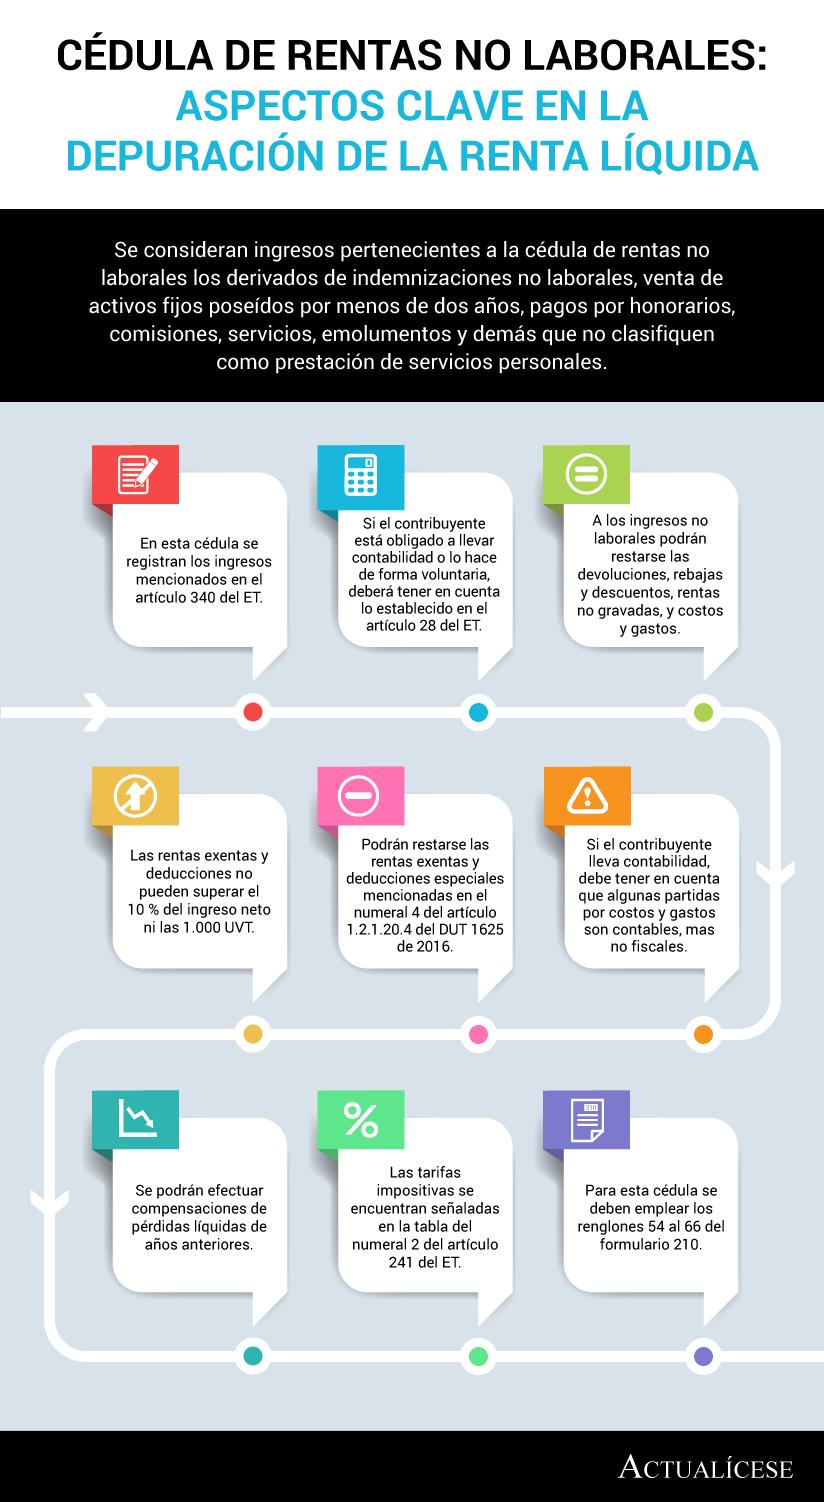 [Infografía] Cédula de rentas no laborales: aspectos clave en la depuración de la renta líquida